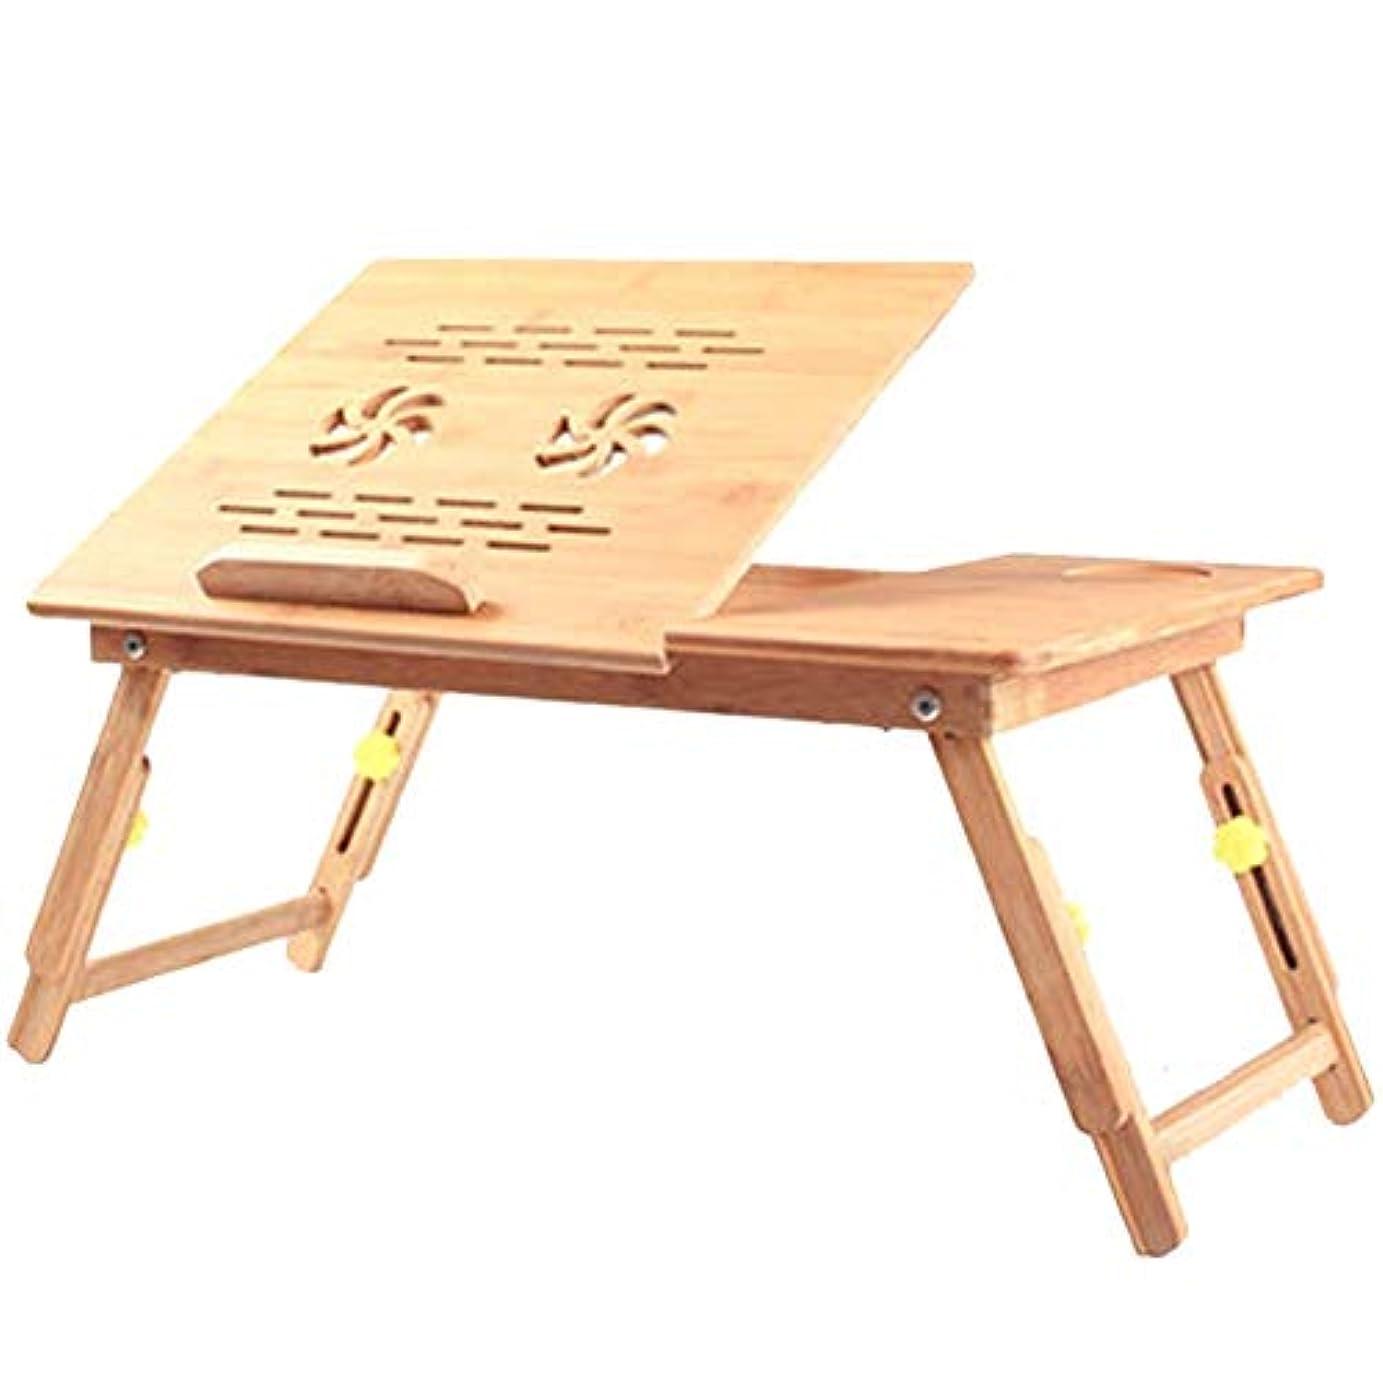 即席同一の全能ラップトップデスクシンプルなベッドデスク折りたたみ怠惰なテーブルリフト寮生ミニテーブル